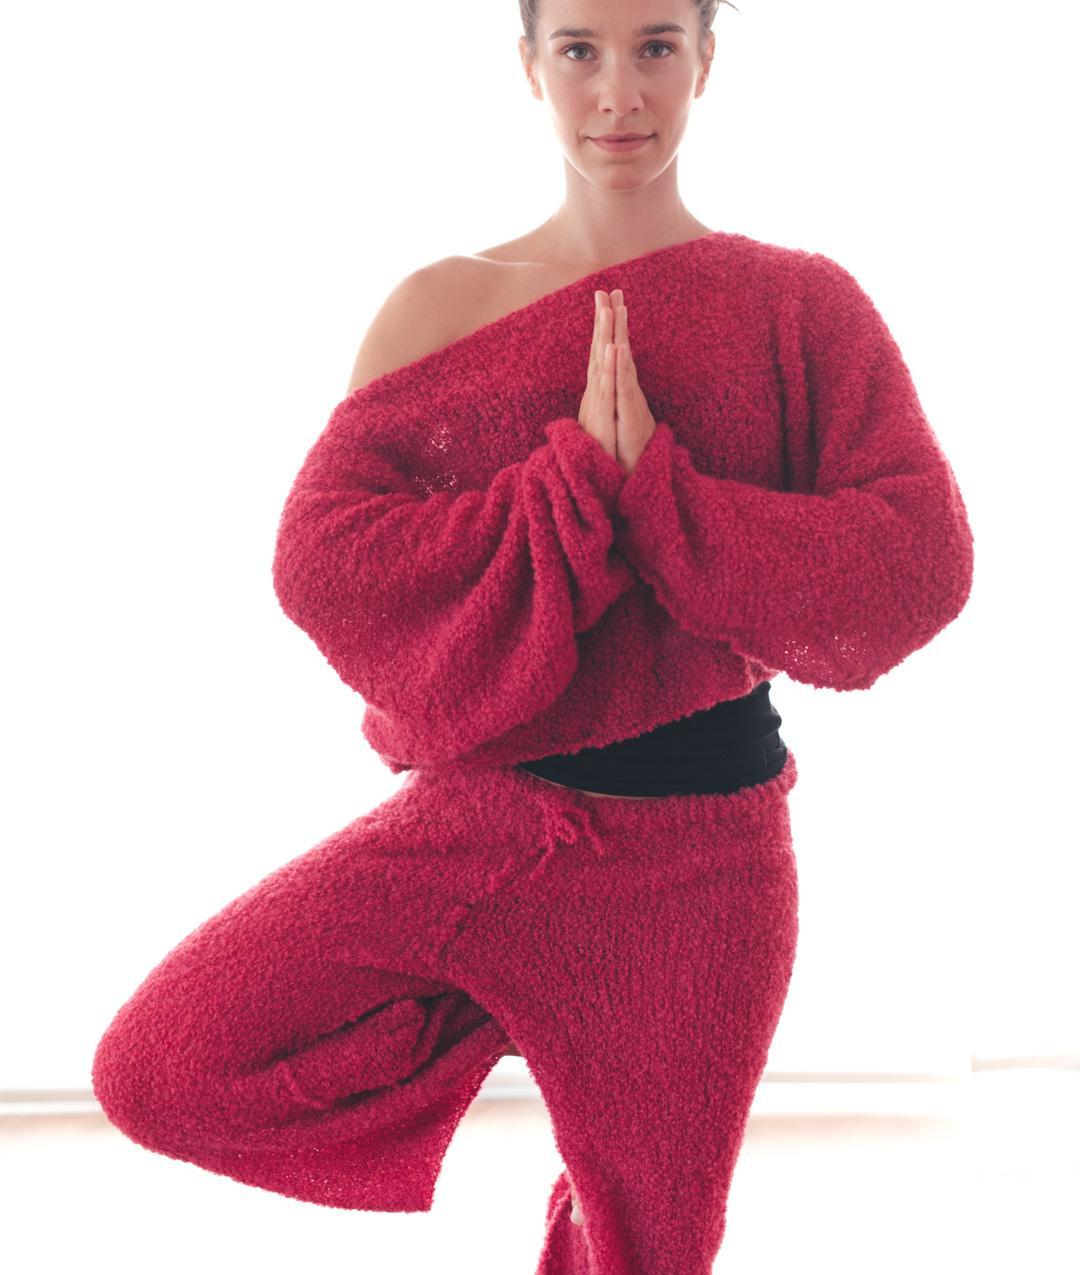 Shorts & Pants - Wool - MUDRA PANTS - 1